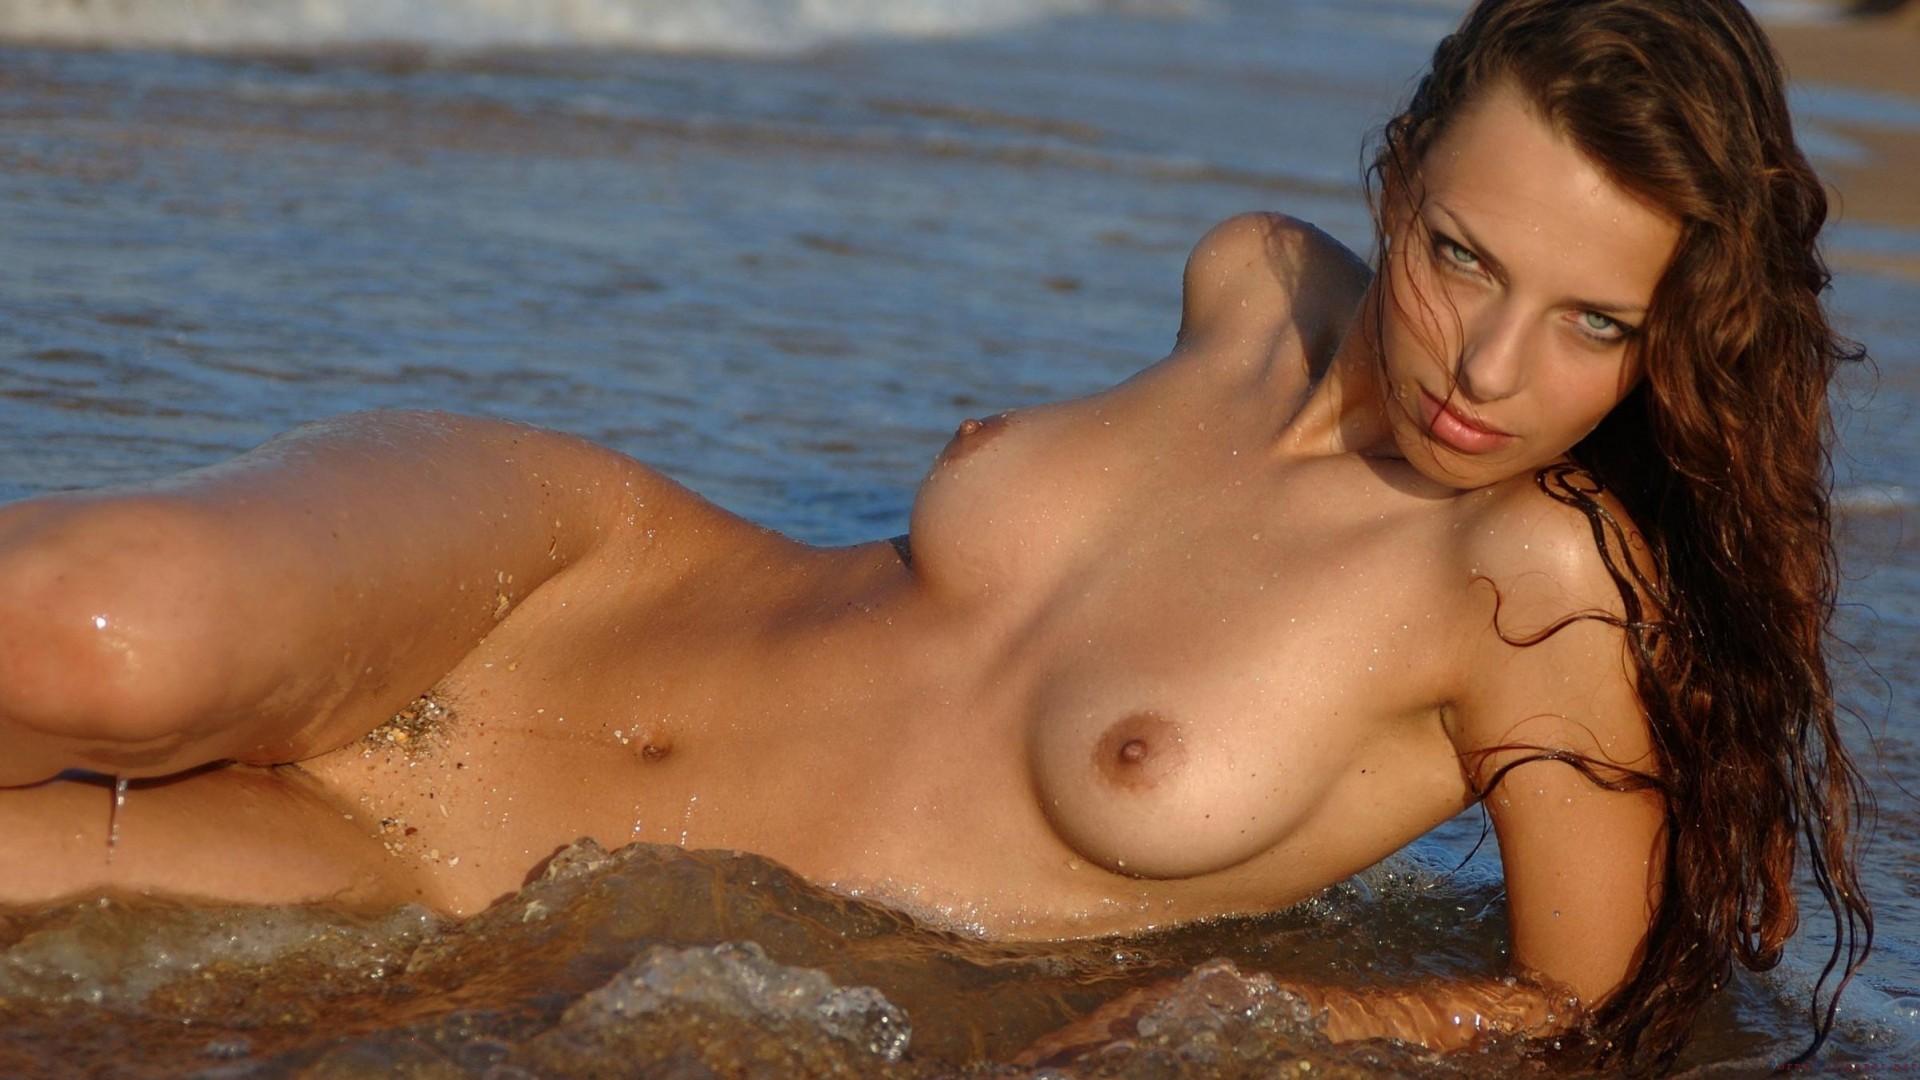 Фотки голых девчёнок, Фото голых девушек - эротика бесплатно, порно фото 6 фотография